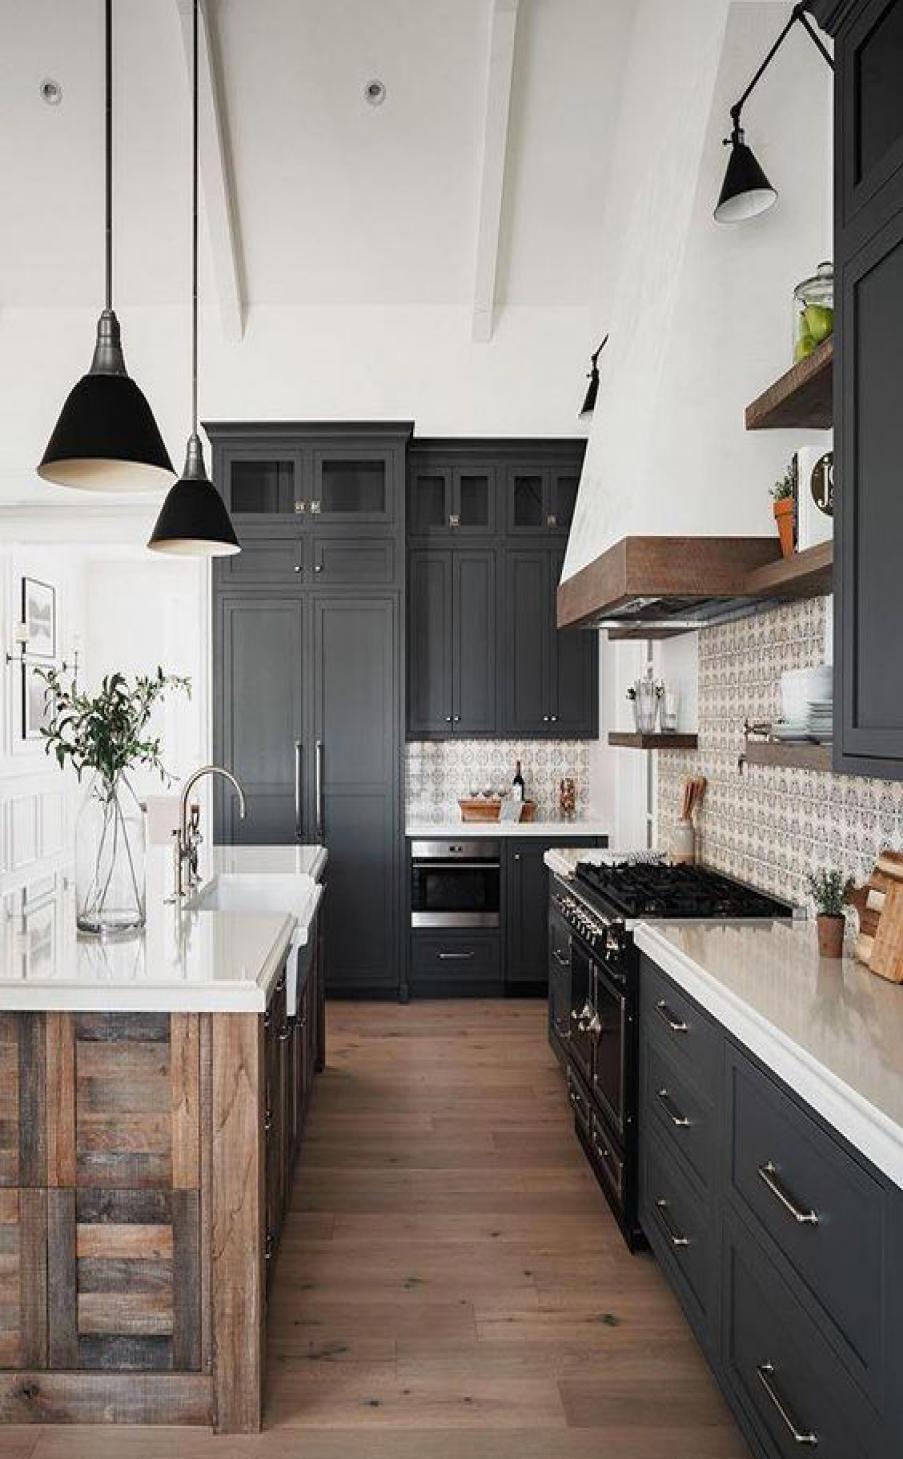 44 Genius Small Cottage Kitchen Design Ideas Decor In 2020 Farmhouse Kitchen Design Cottage Style Kitchen Rustic Modern Kitchen